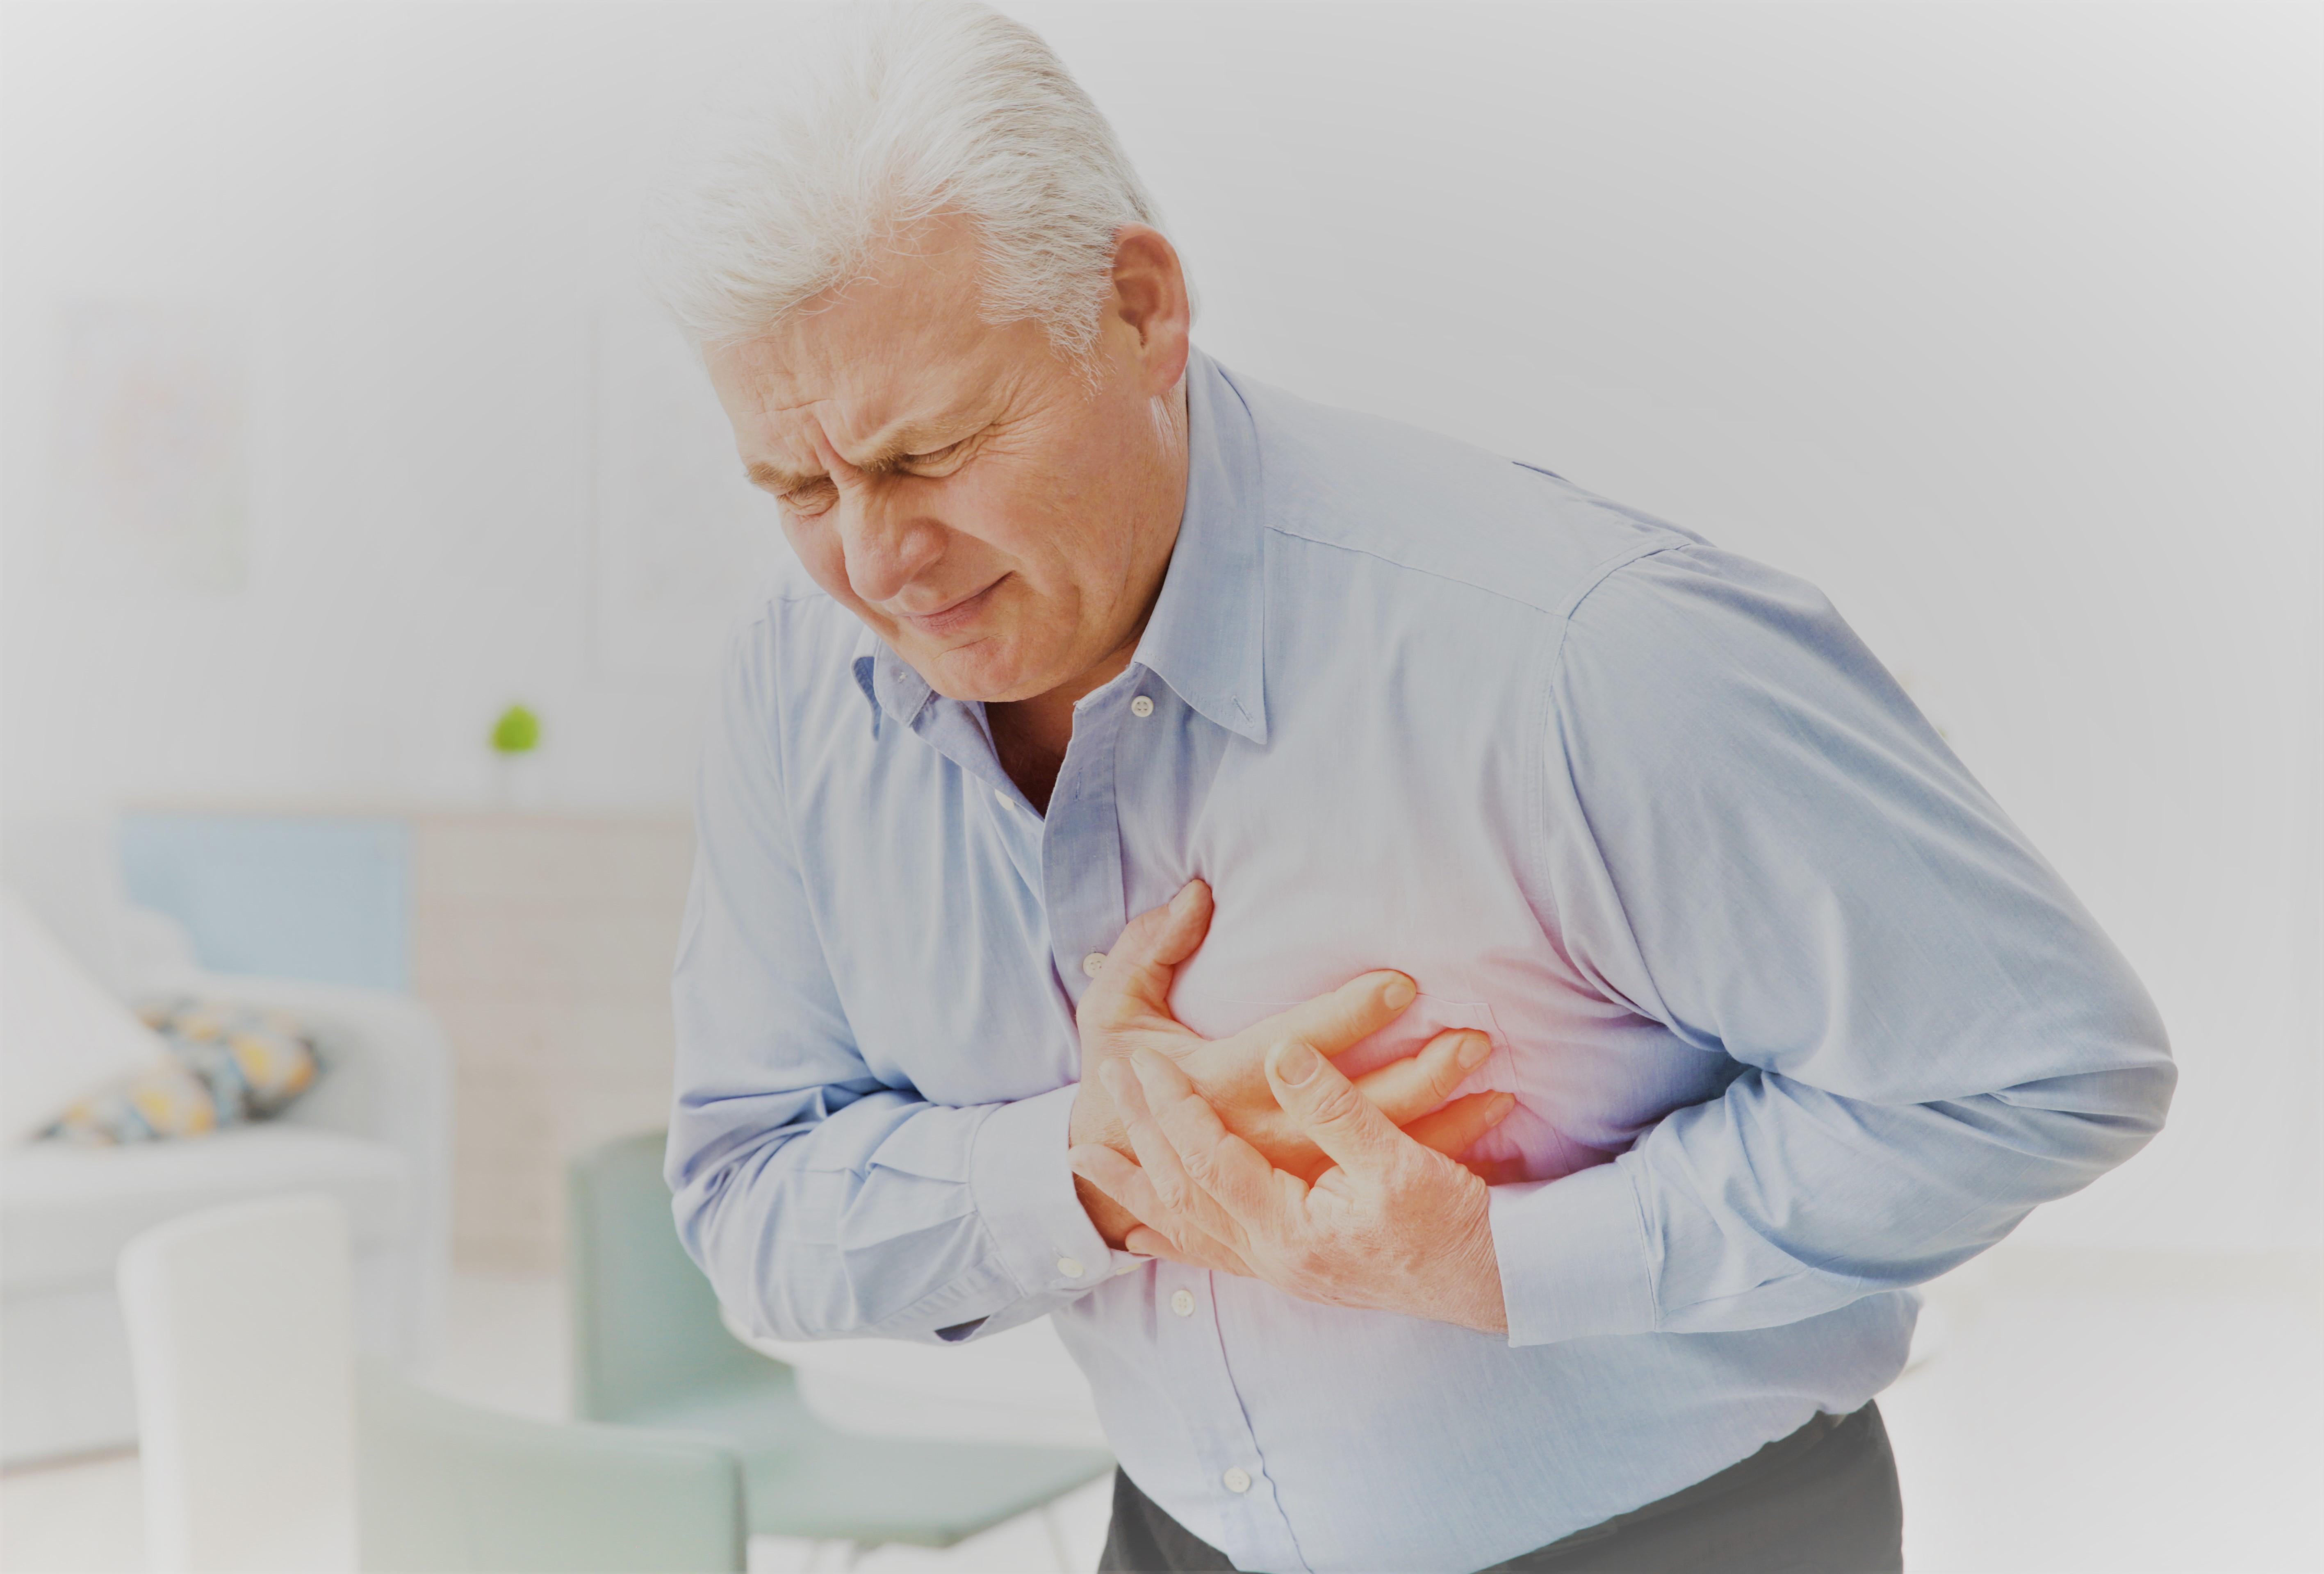 ízületi fájdalom és kiütés a testön